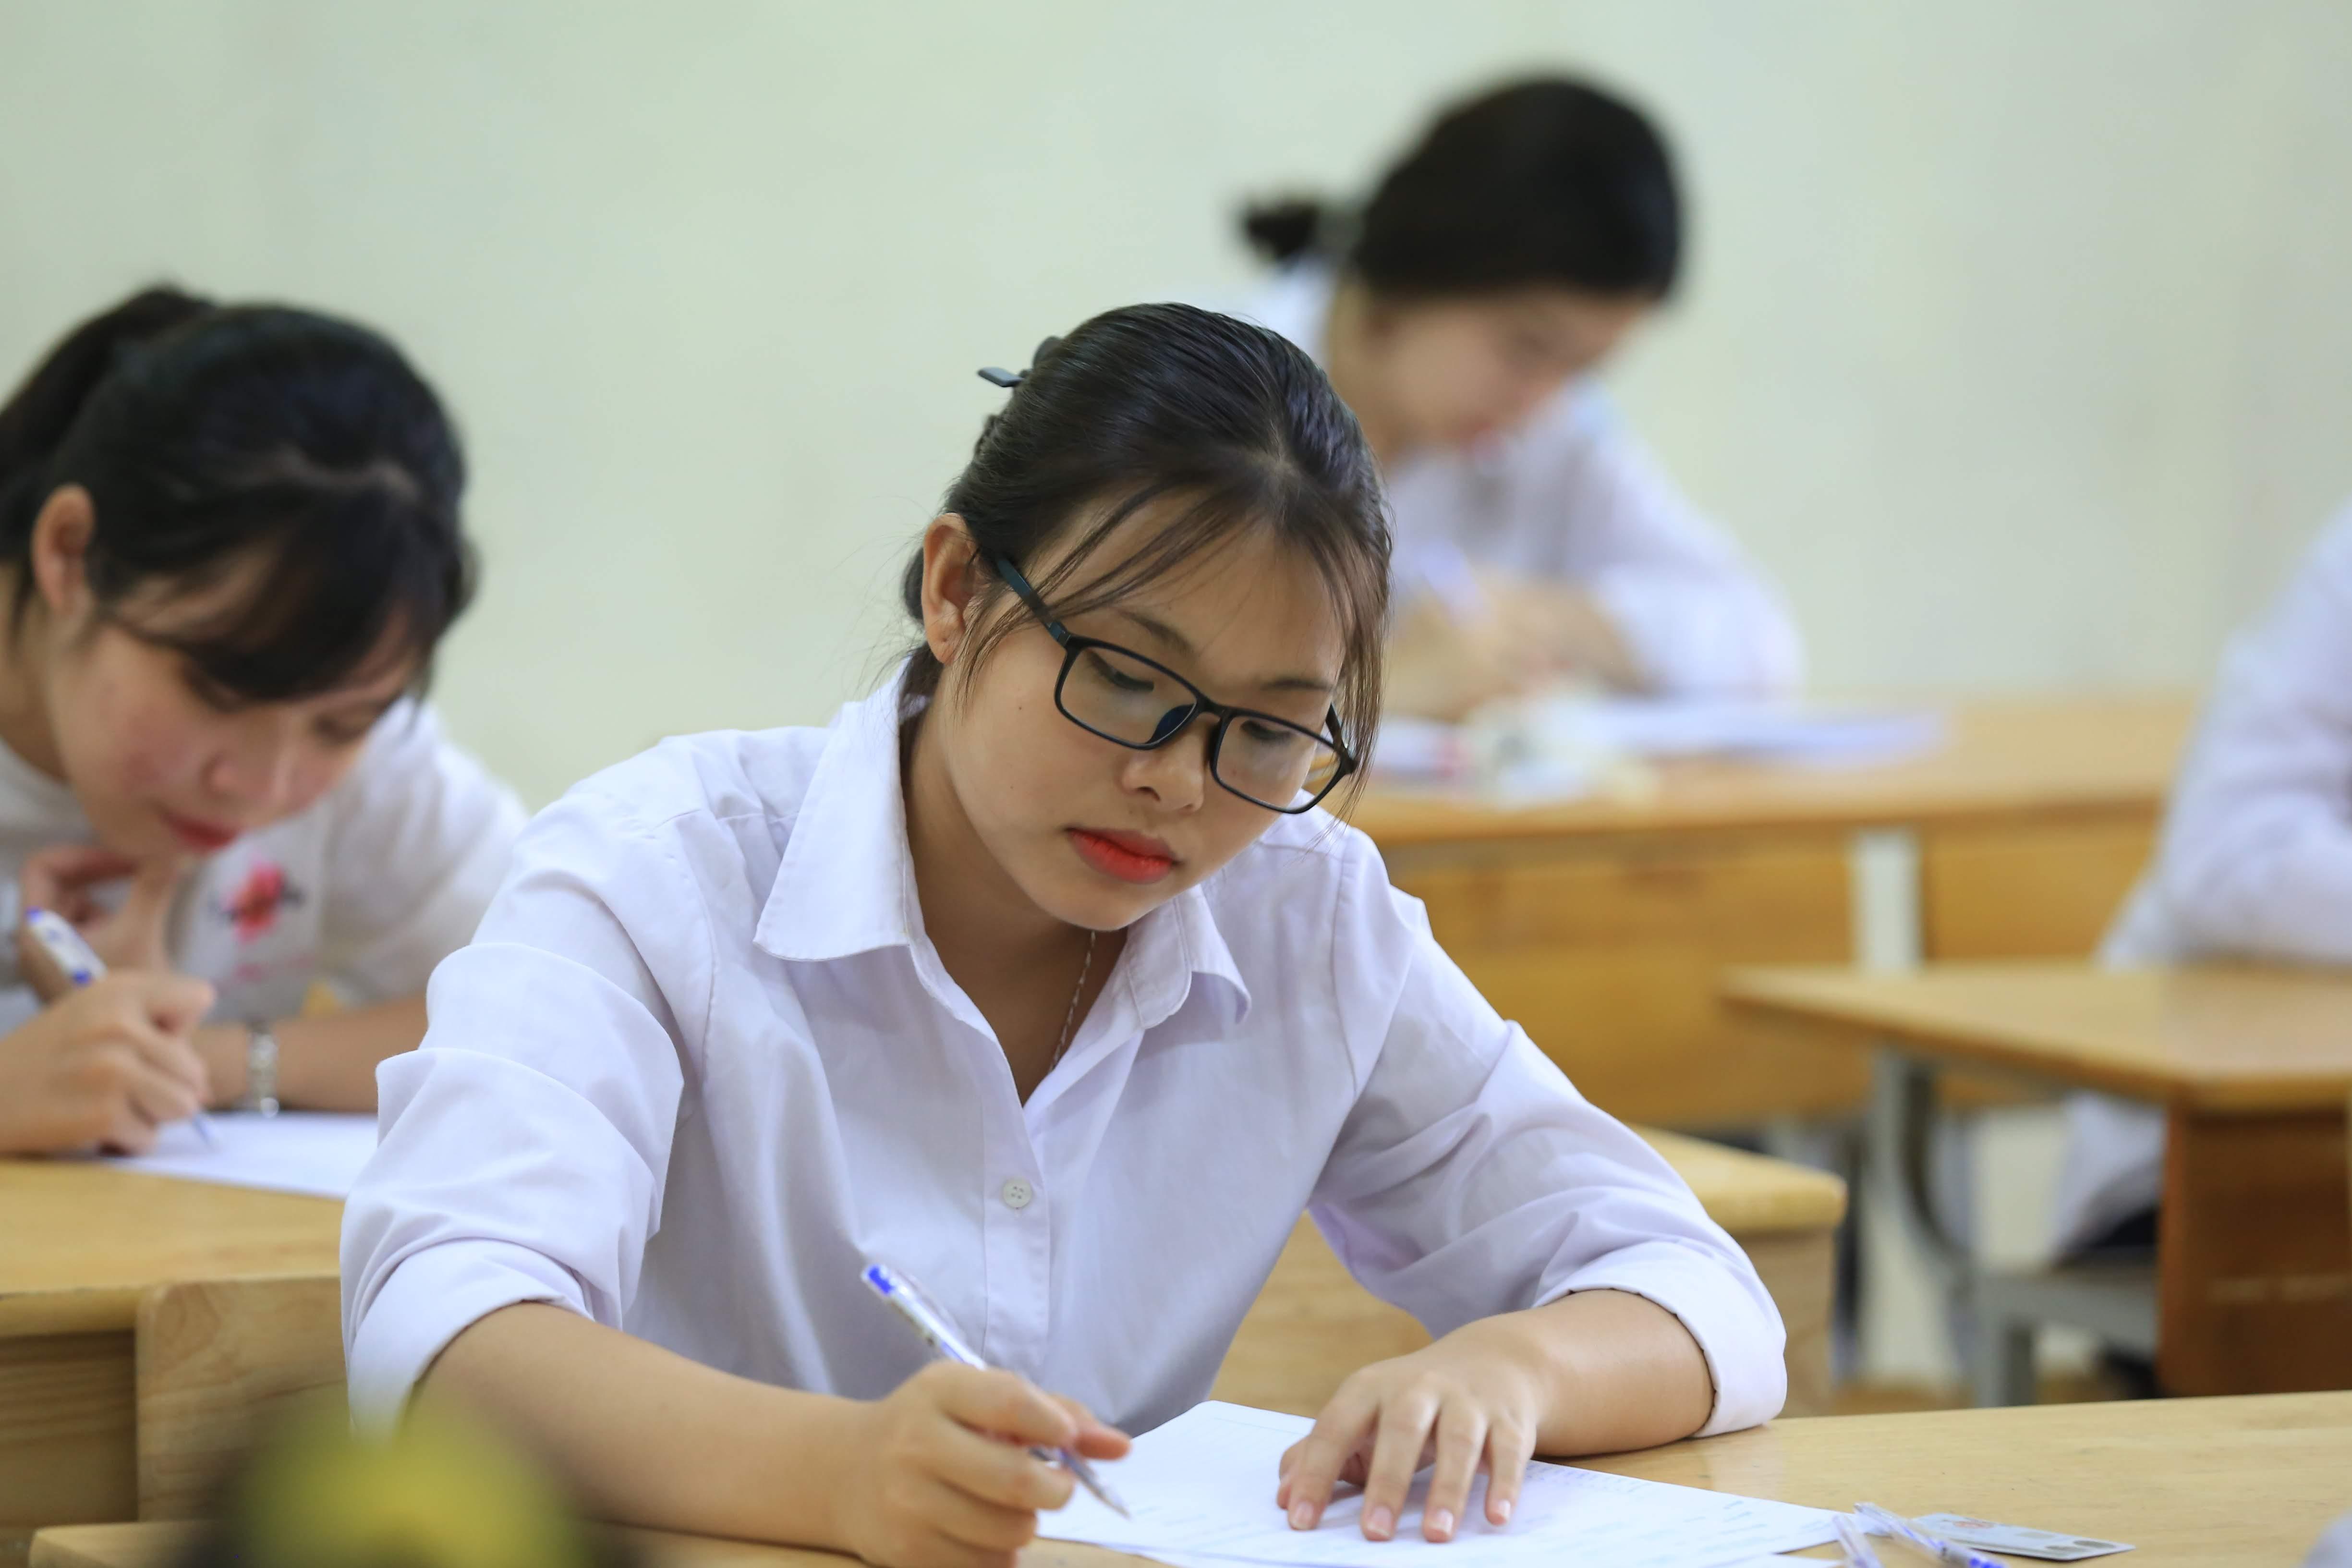 Bộ GDĐT lưu ý, công tác tổ chức xét tuyển phải thực hiện theo quy định hiện hành, công khai, minh bạch. Ảnh: Phạm Quang Vinh.